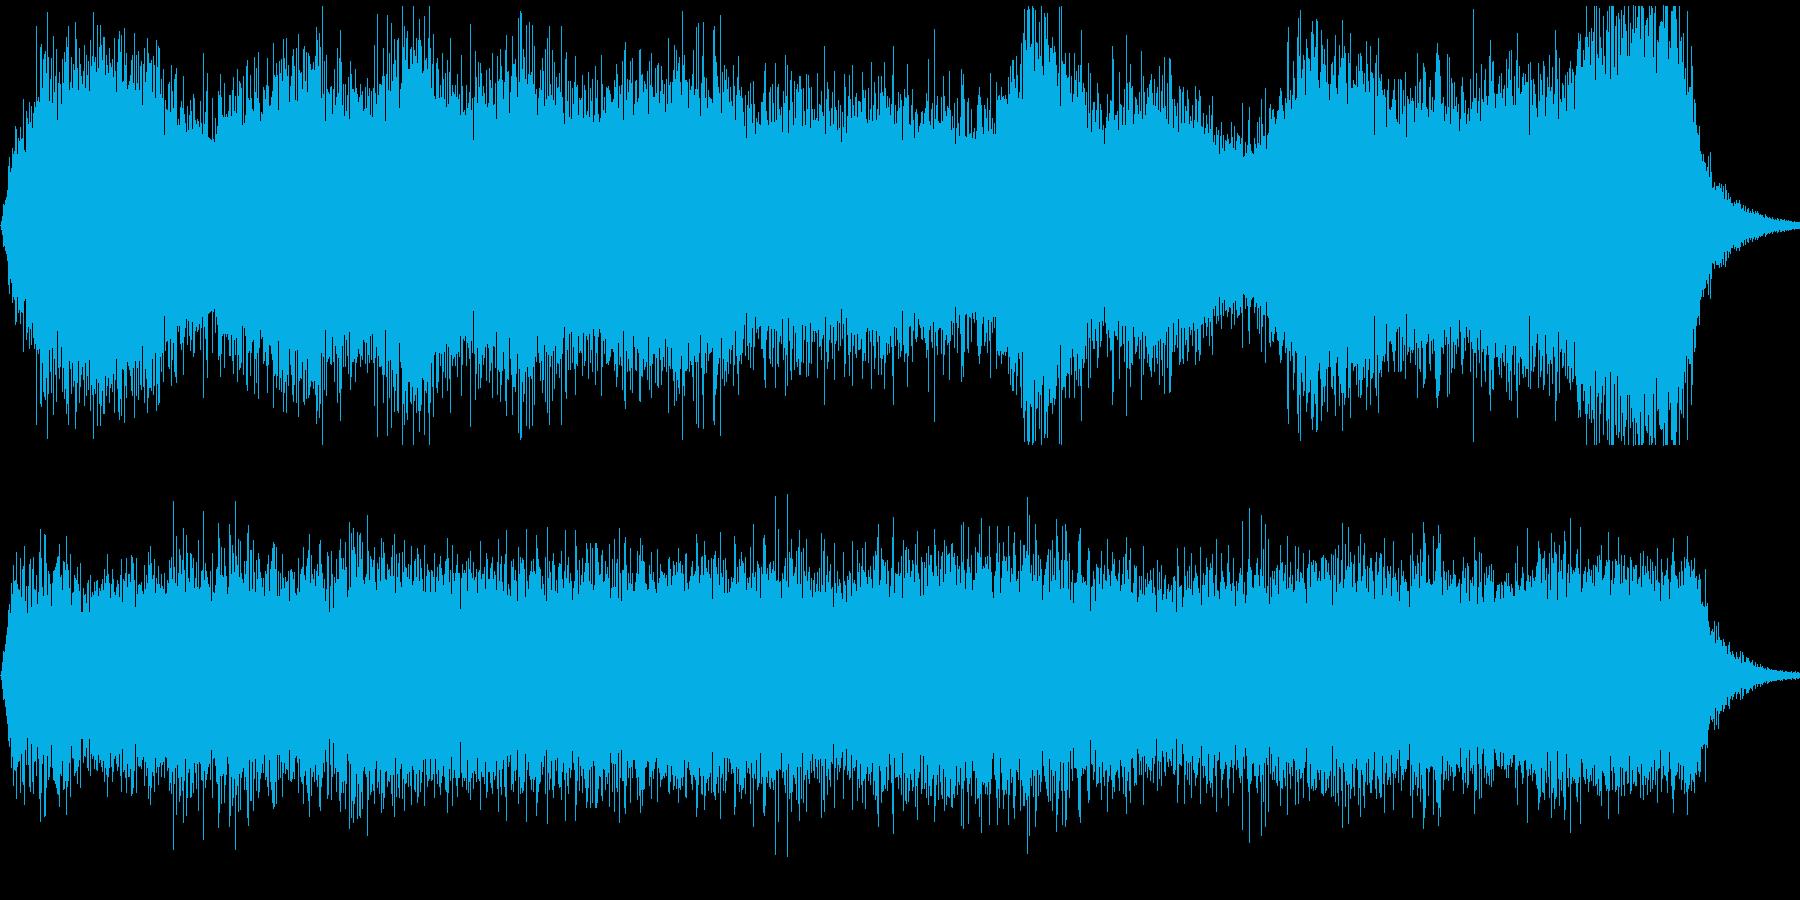 強い風の音ですの再生済みの波形